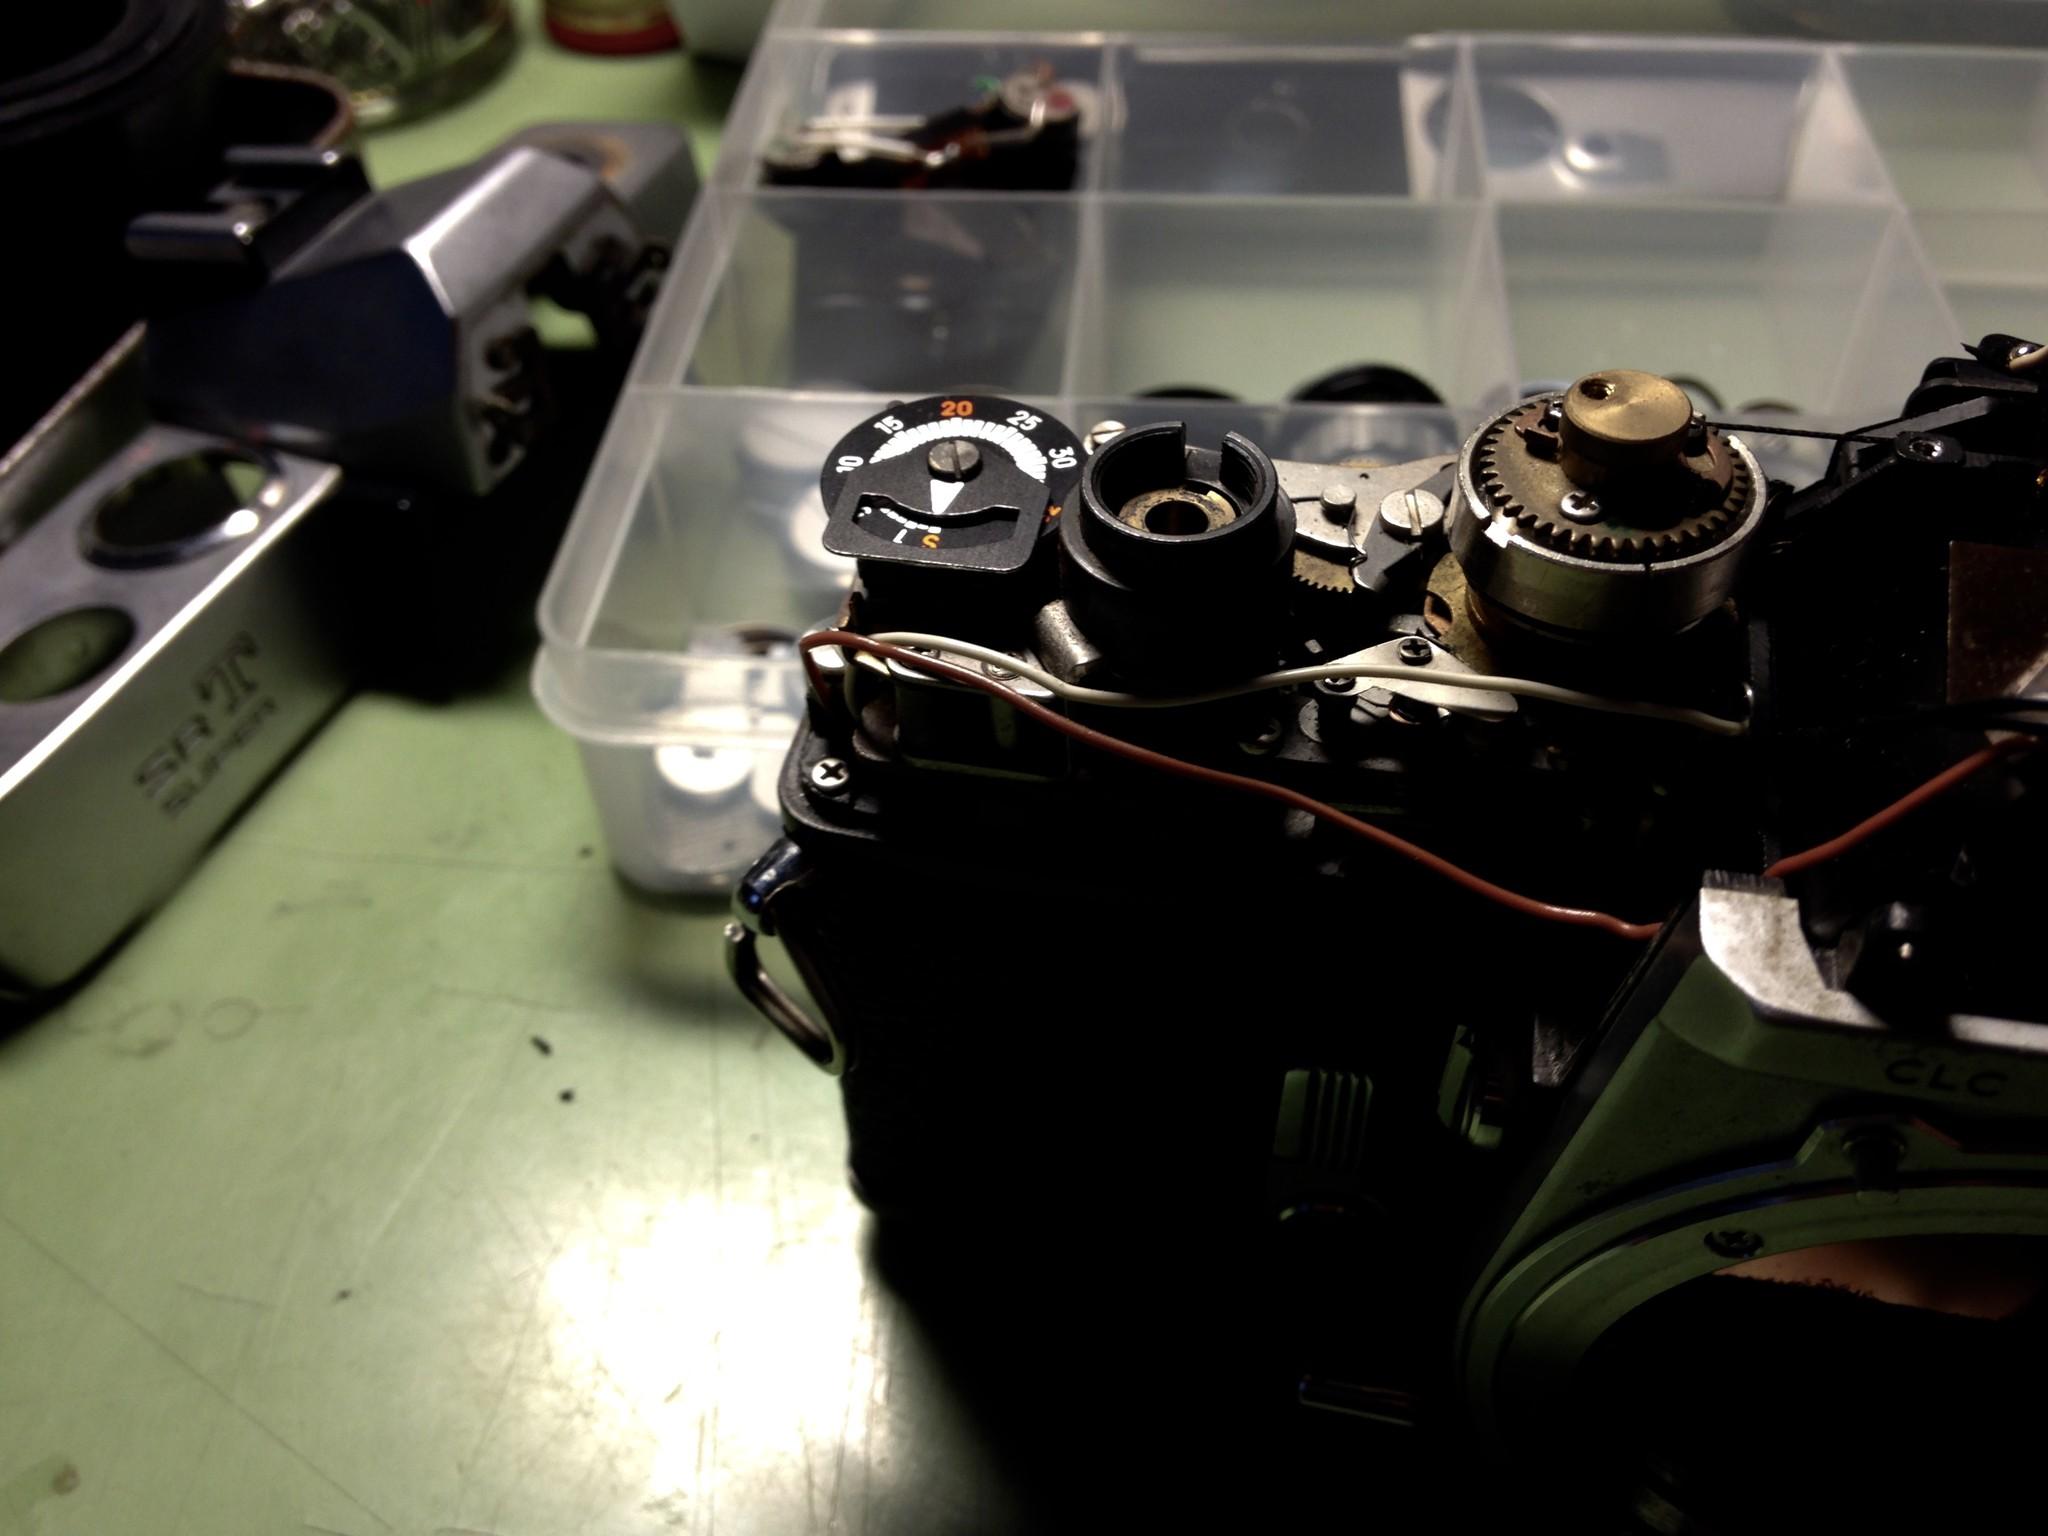 Minolta SRT superの整備